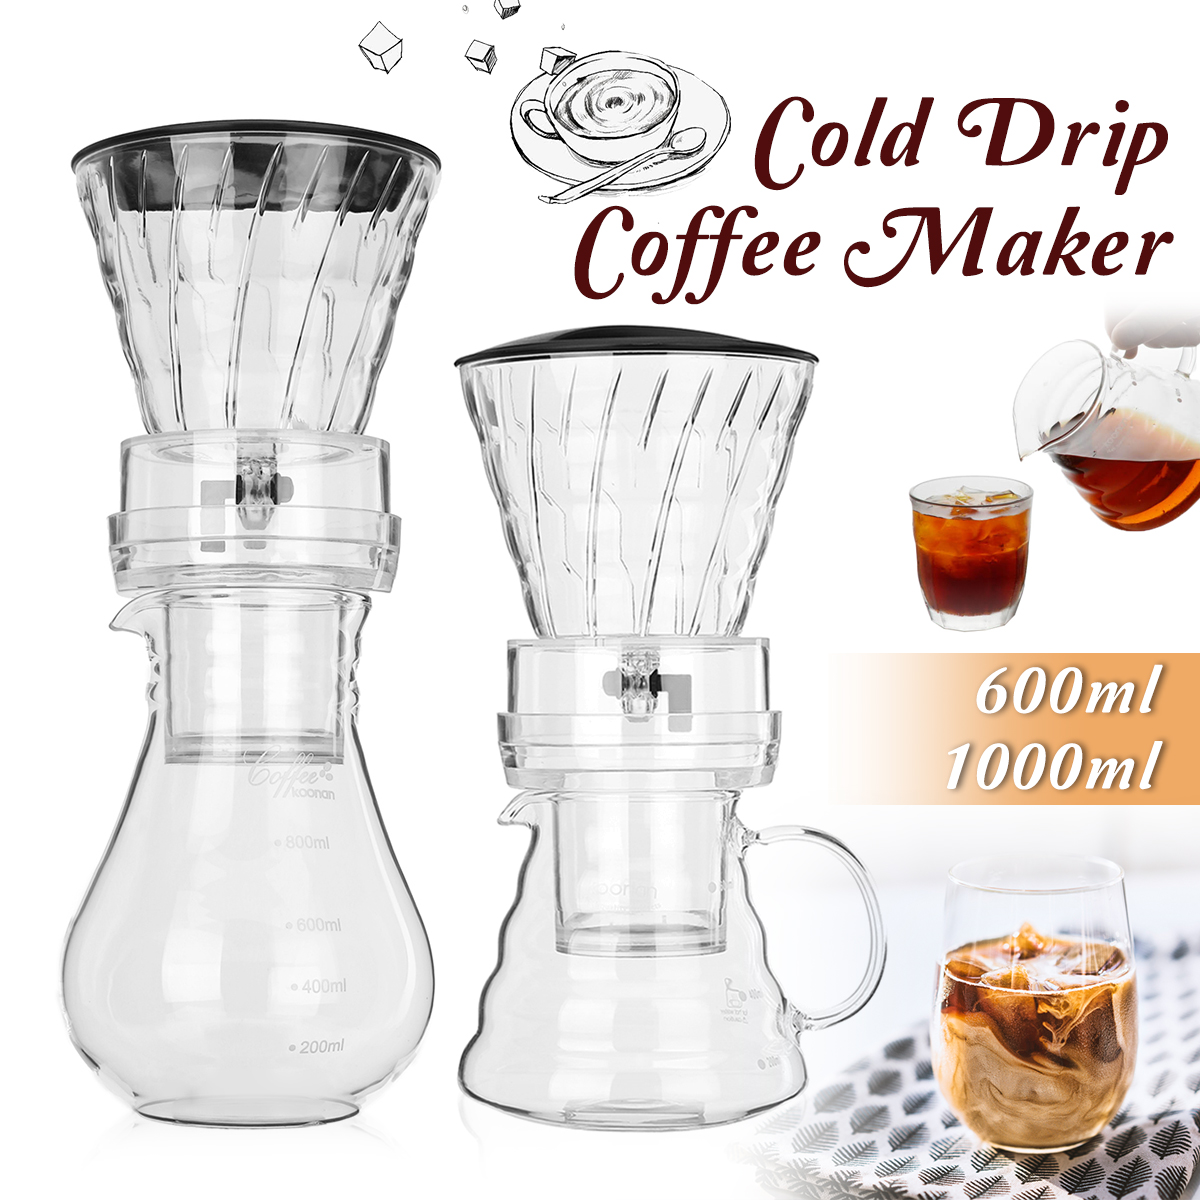 600 мл/1000 мл воды капельный кофе машины многоразовый Фильтр Инструменты Стекло эспрессо Кофе Dripper горшок льда создание холодной капельный ко...